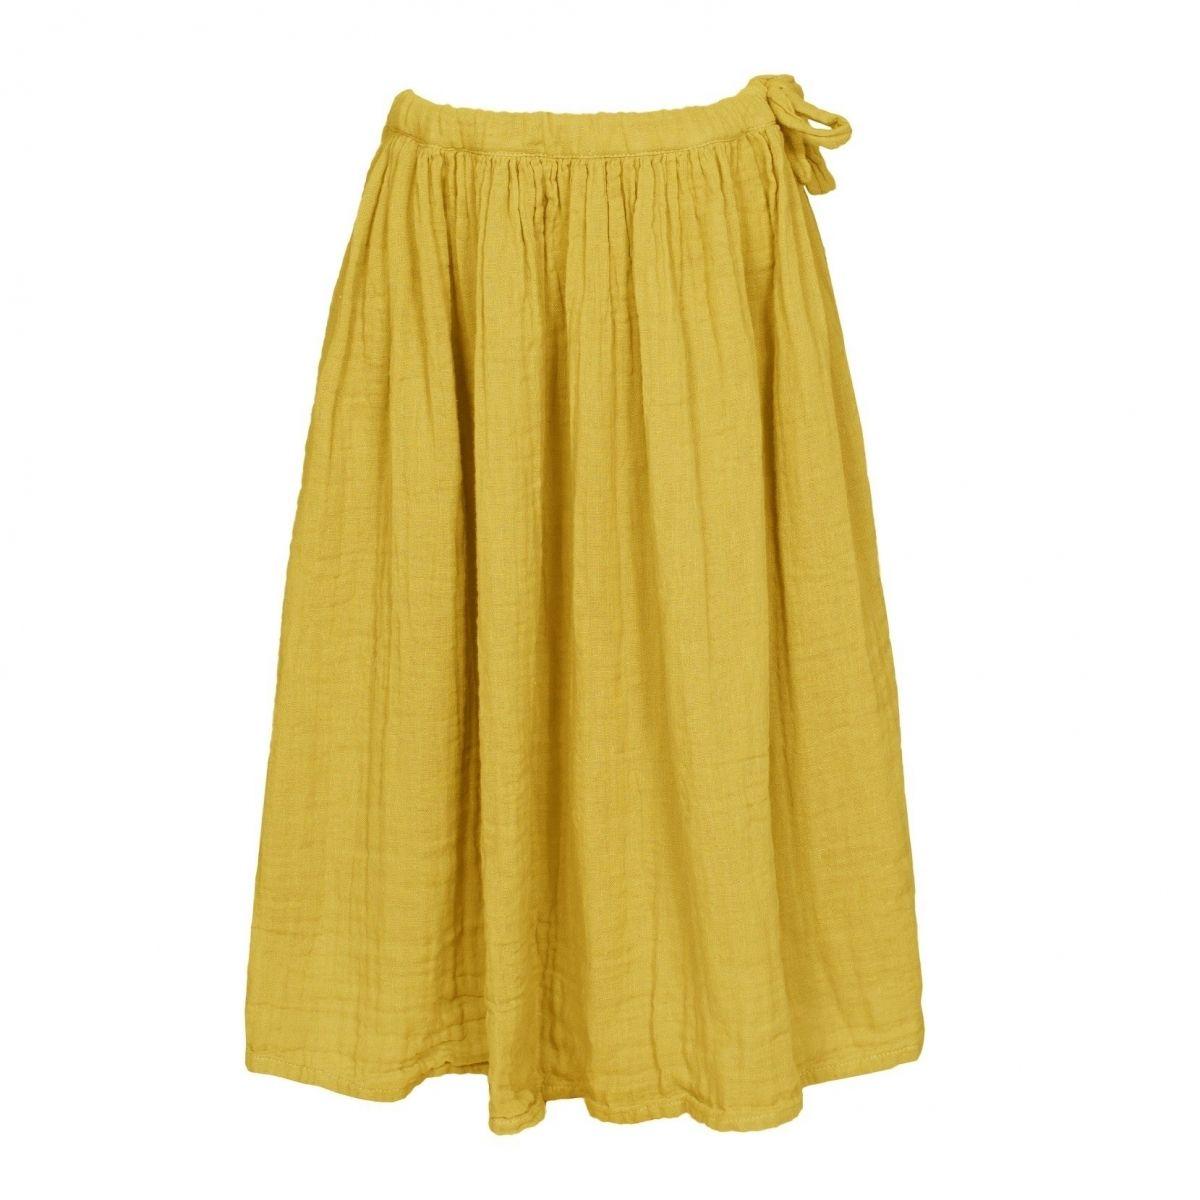 Numero 74 Spódnica dla dziewczynek Ava długa słoneczna żółć